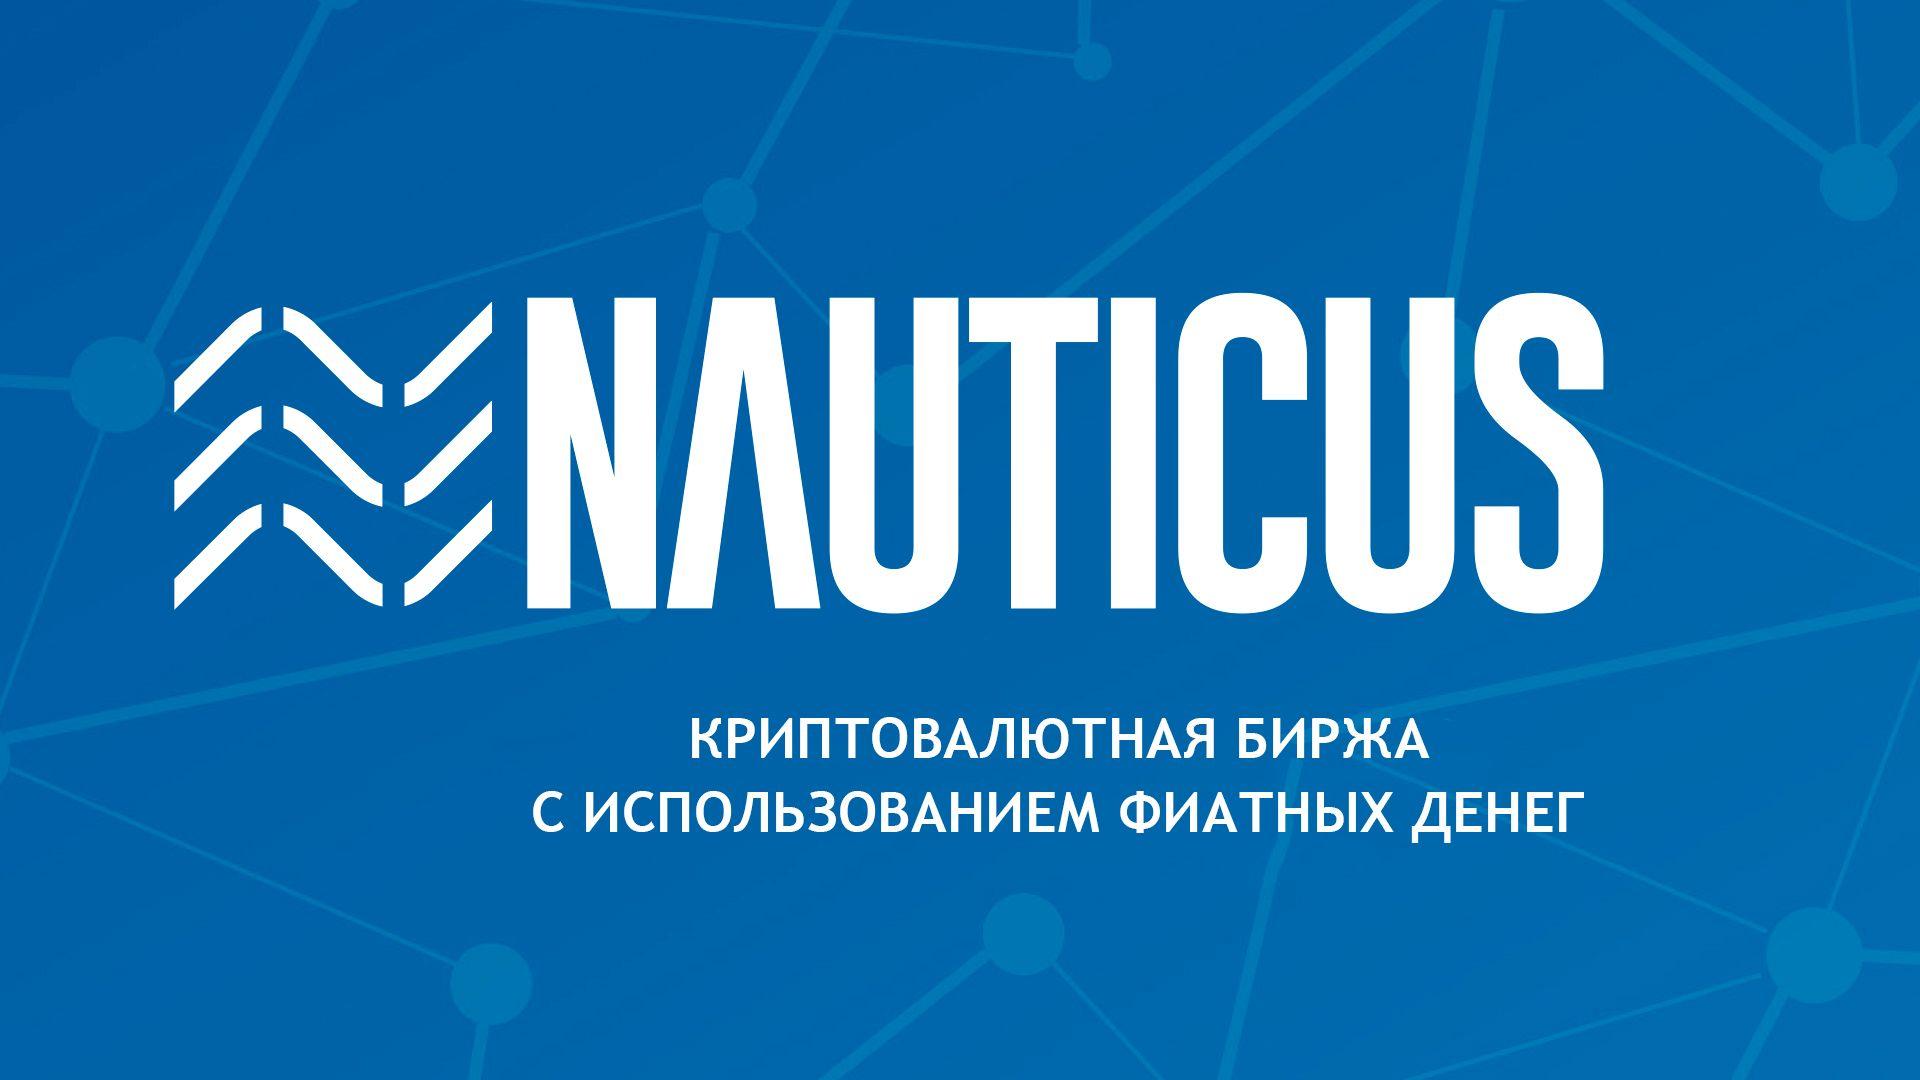 nauticus1.jpg